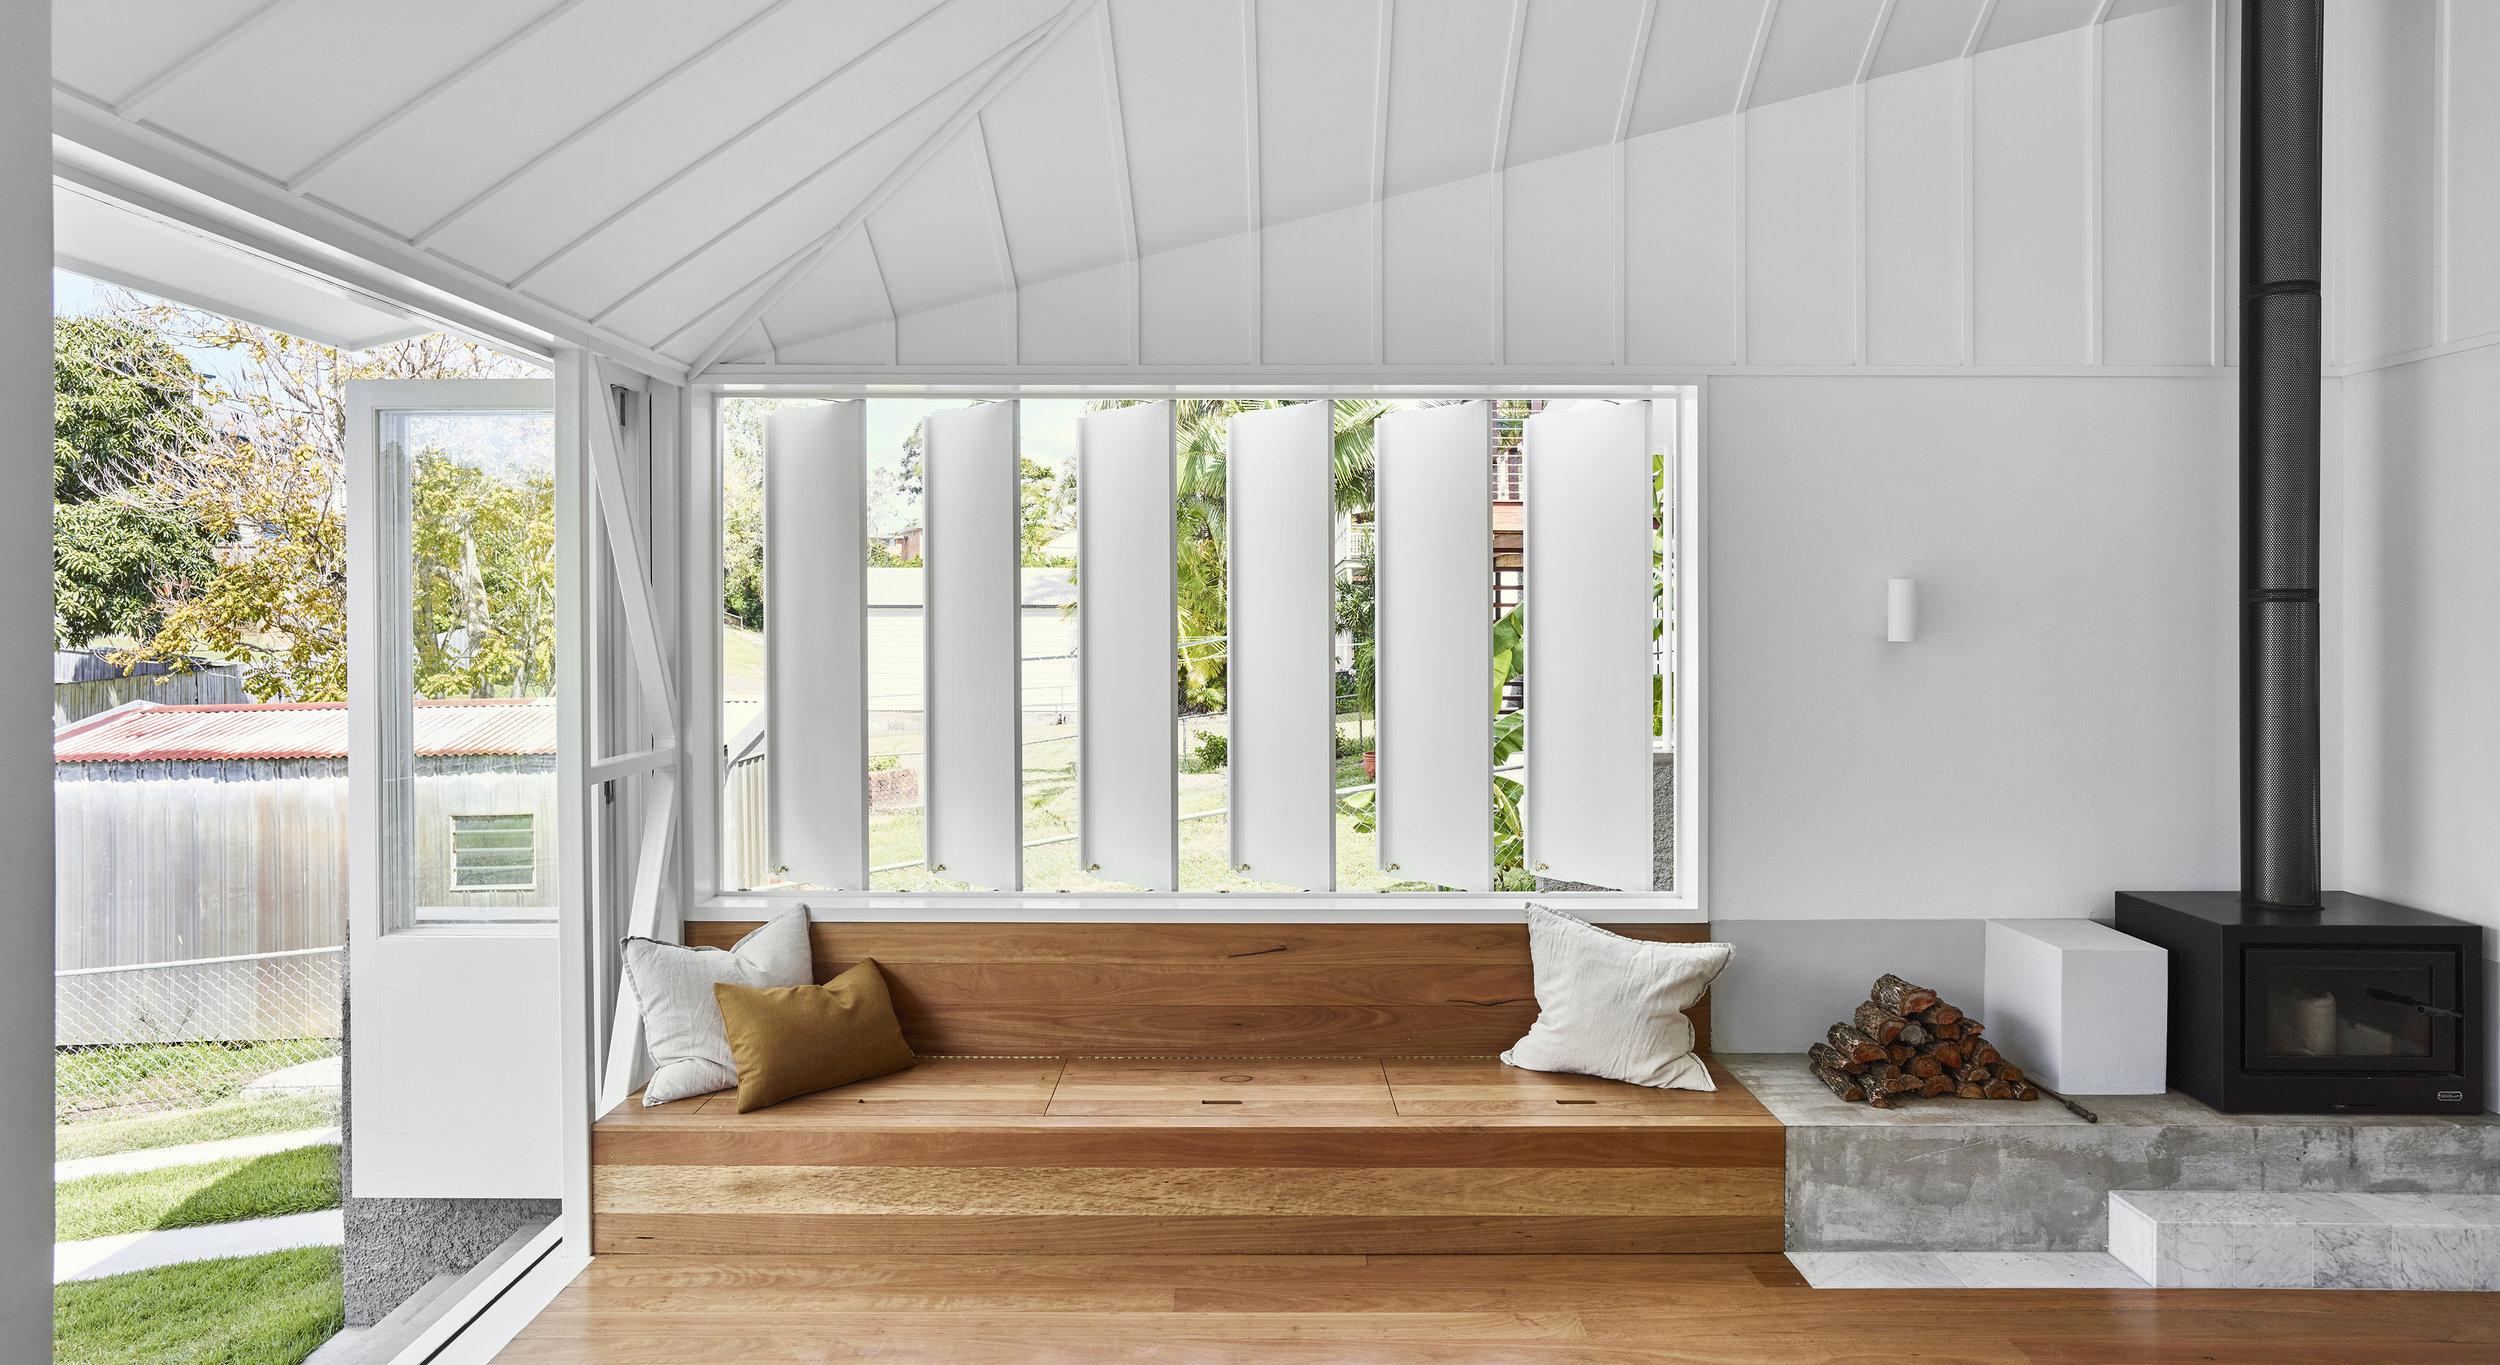 Bovelles St House | Owen Architecture55270©TobyScott.jpg